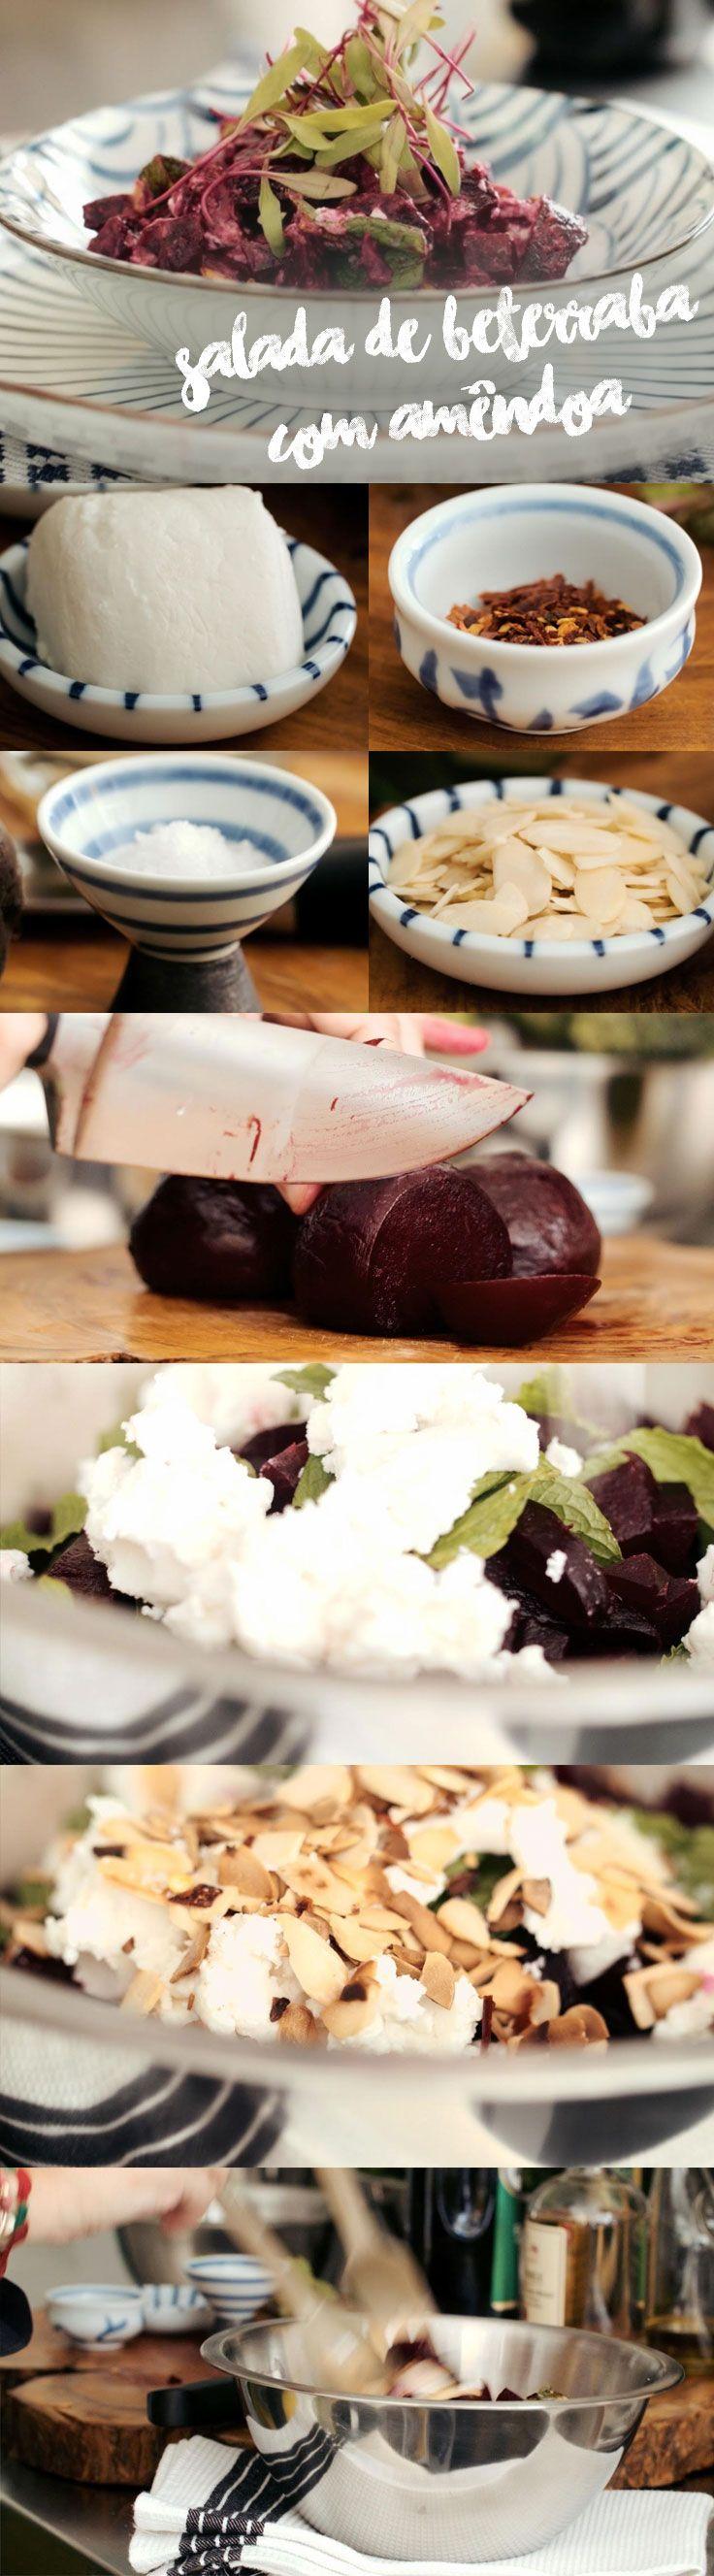 Beterrabas são divinas. Suculentas e saborosas, são ótimas em saladas e sopas. Confira o passo-a-passo e os benefícios dessa receita! Mais receitas em http://www.myyellowpages.com.br Link da receita: http://www.myyellowpages.com.br/salada-de-beterraba-com-amendoas/